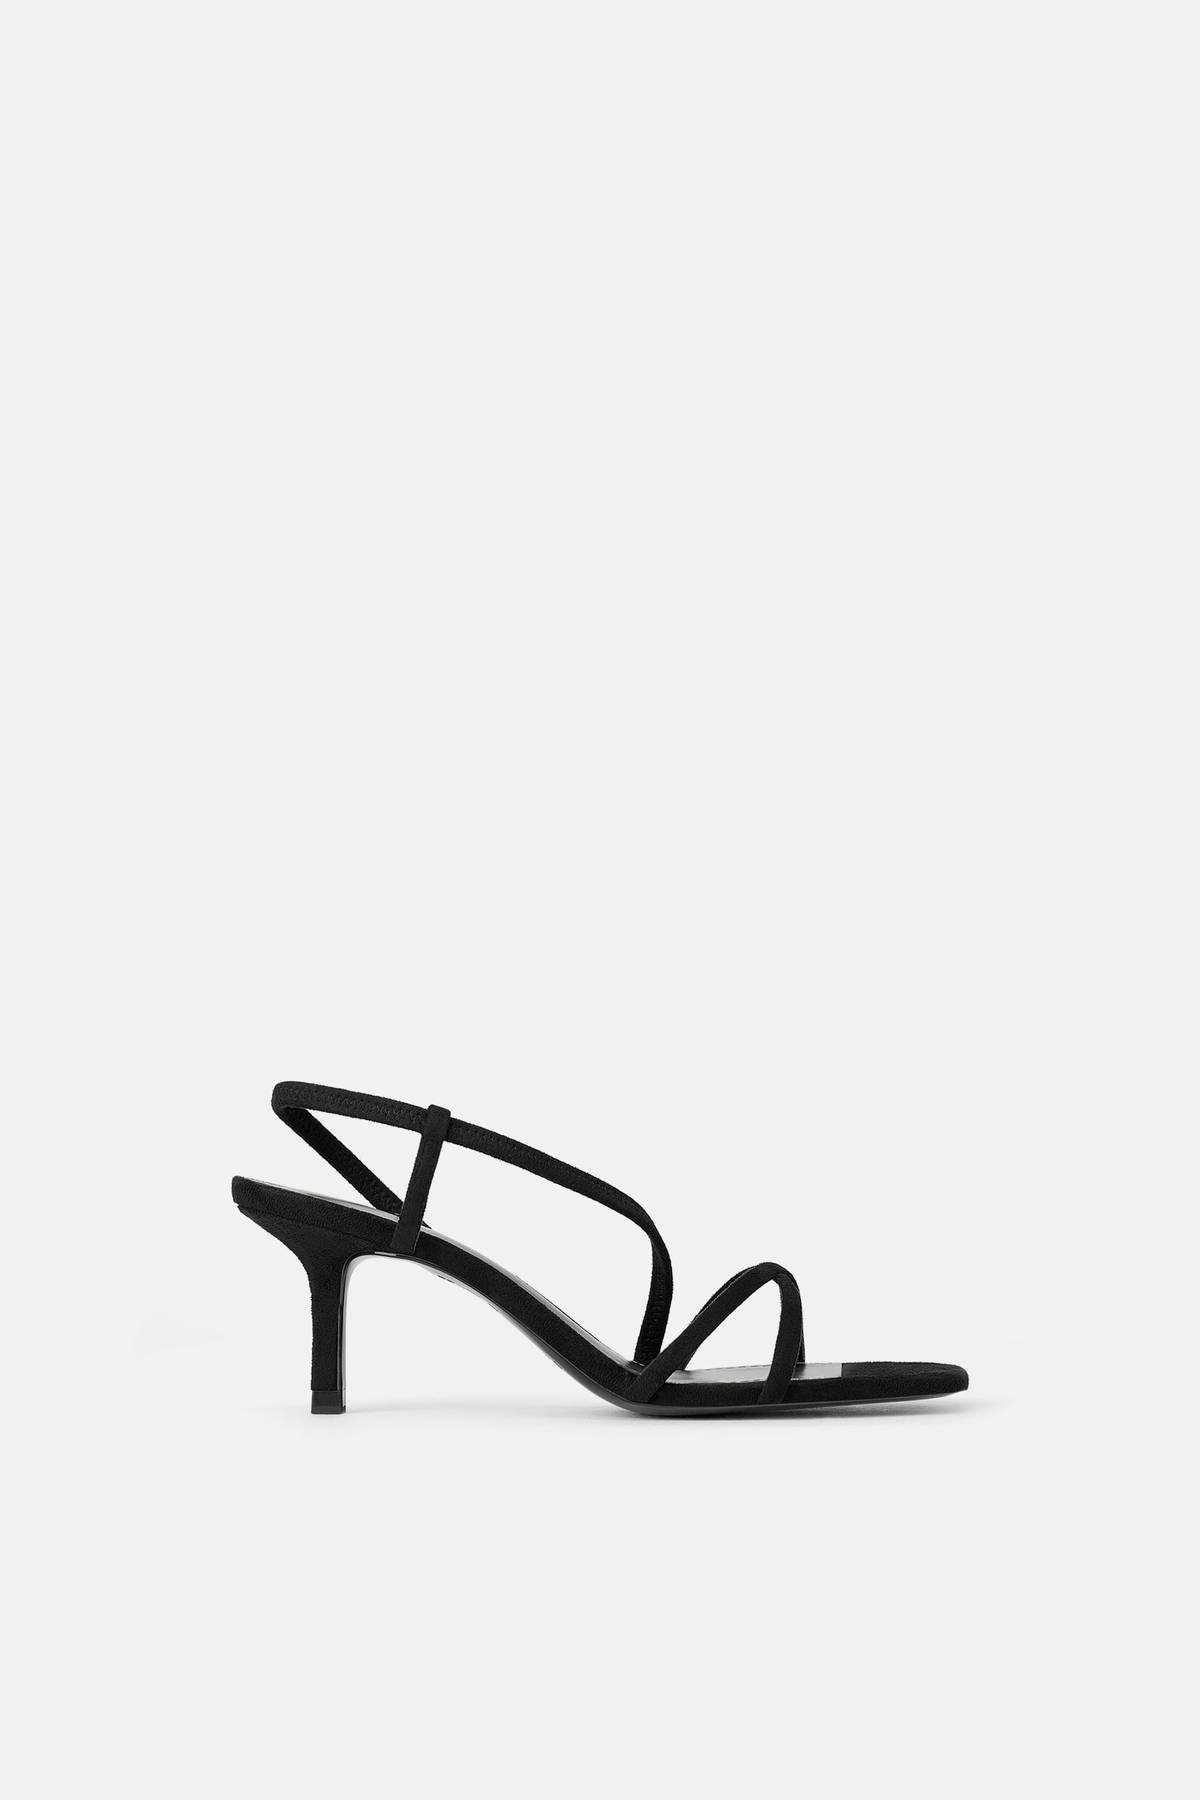 فستان سواريه باللون الجنزاري ـ حذاء أسود